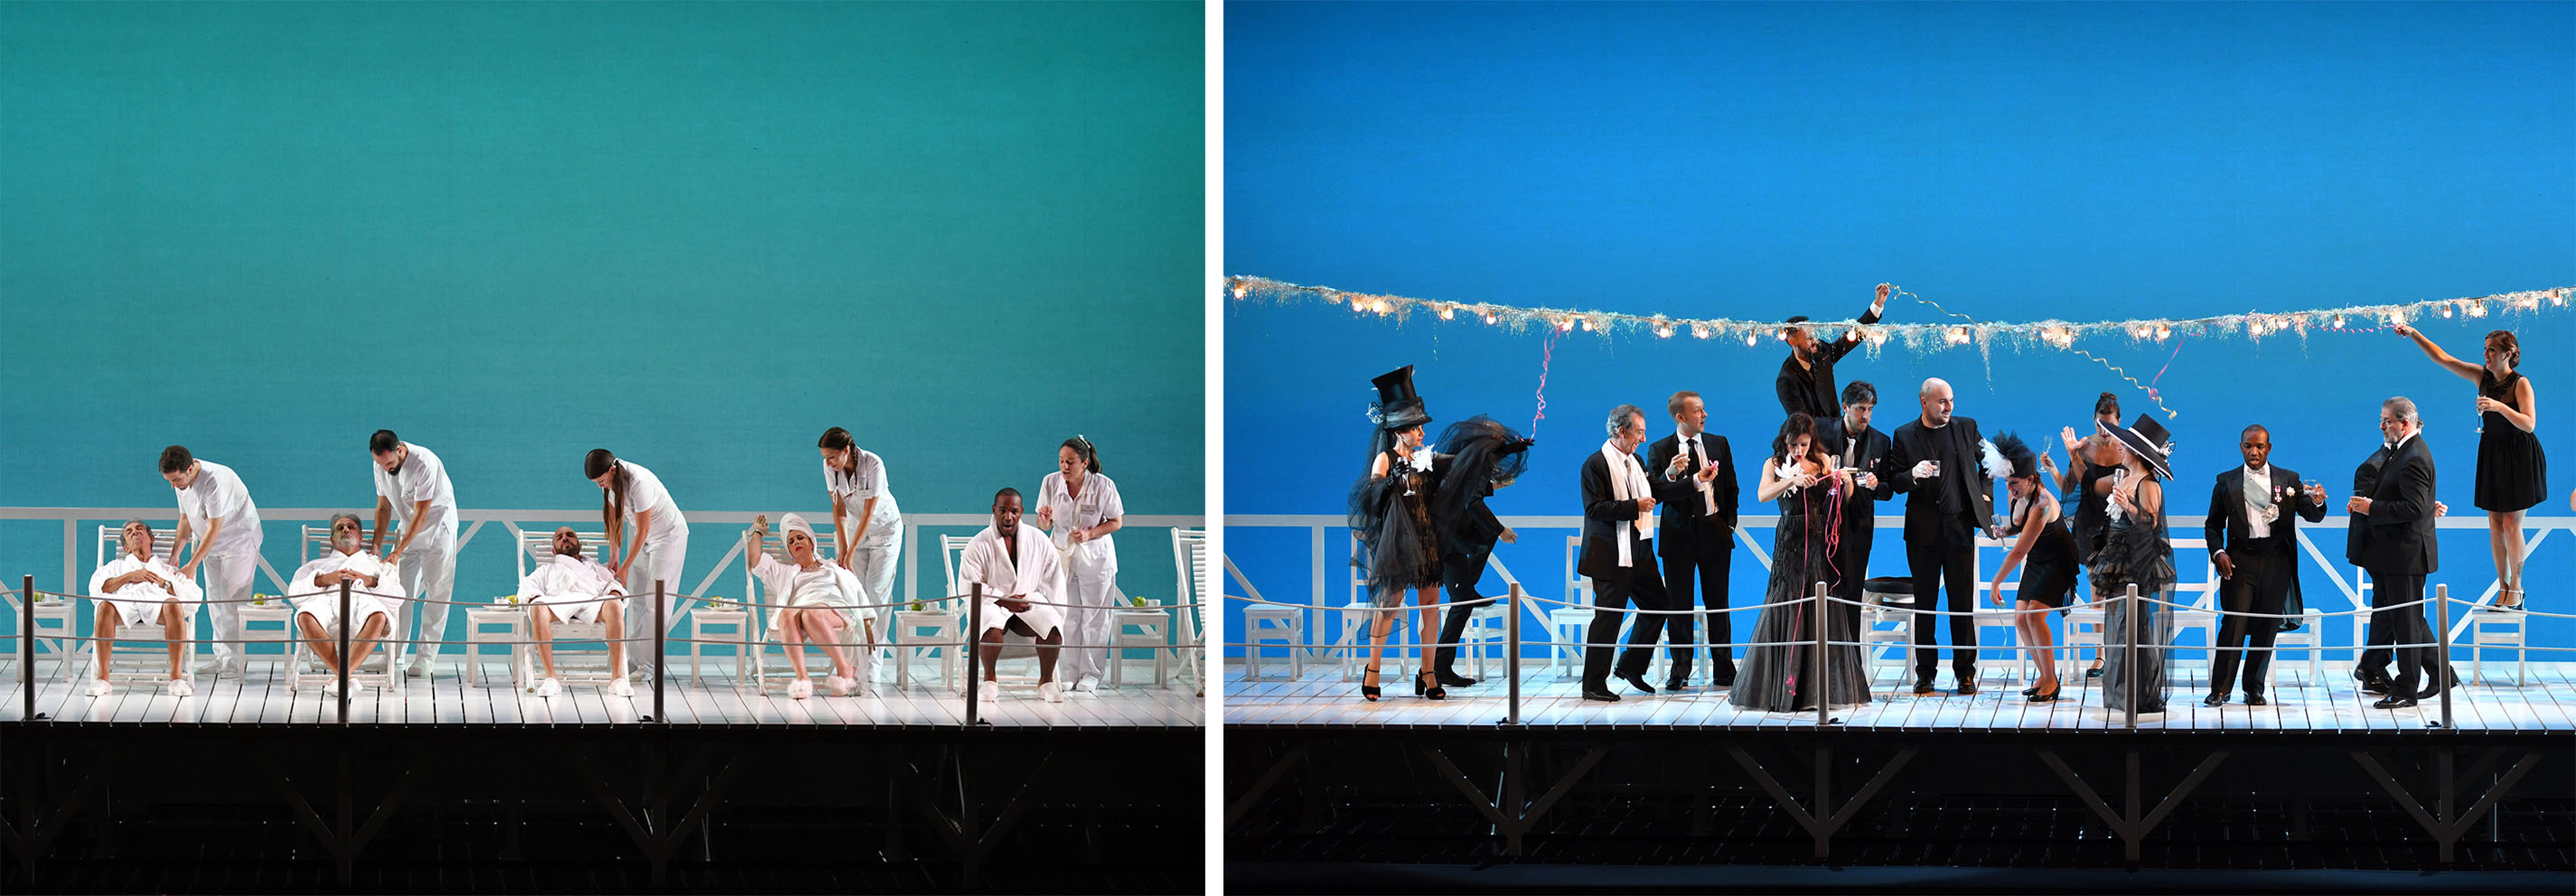 Il Viaggio a Reims en el Liceu. Foto: A. Bofill